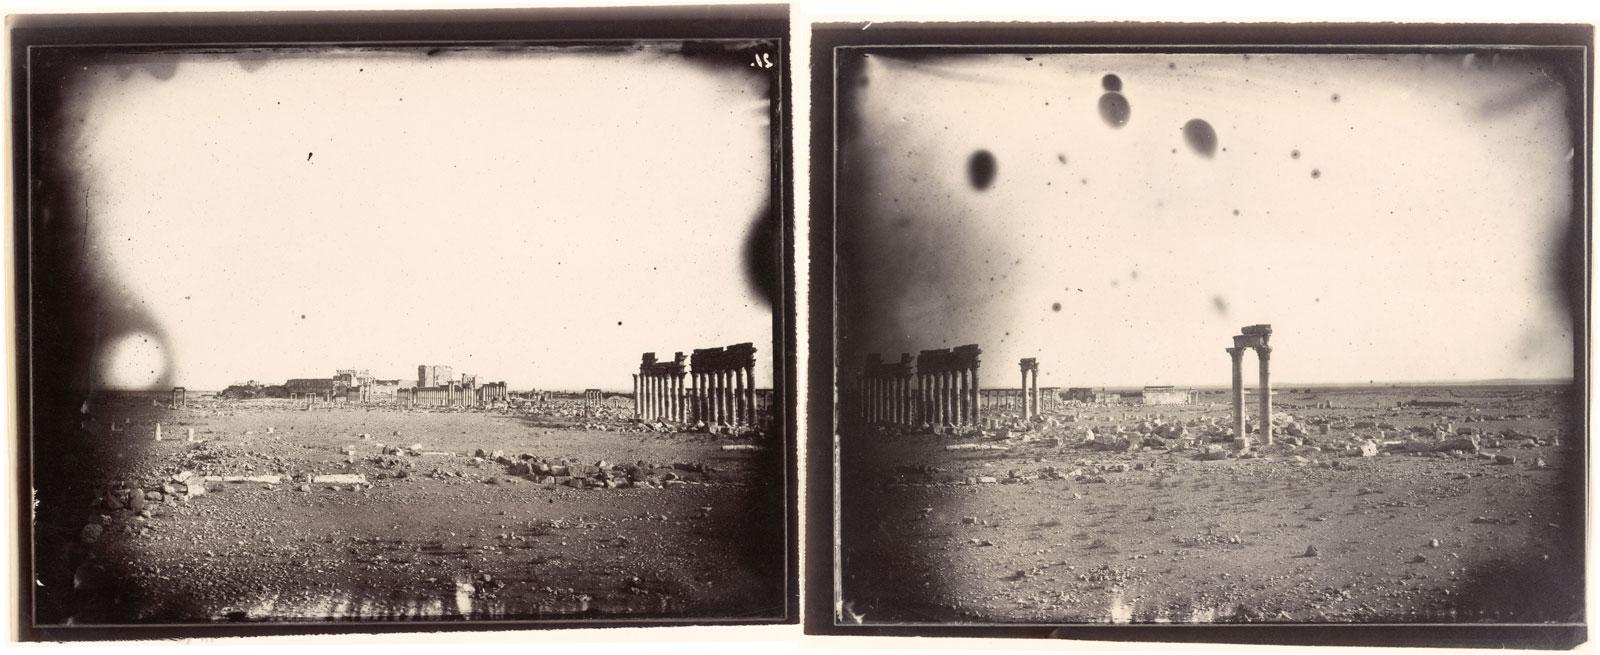 palmyra-two-part-panorama